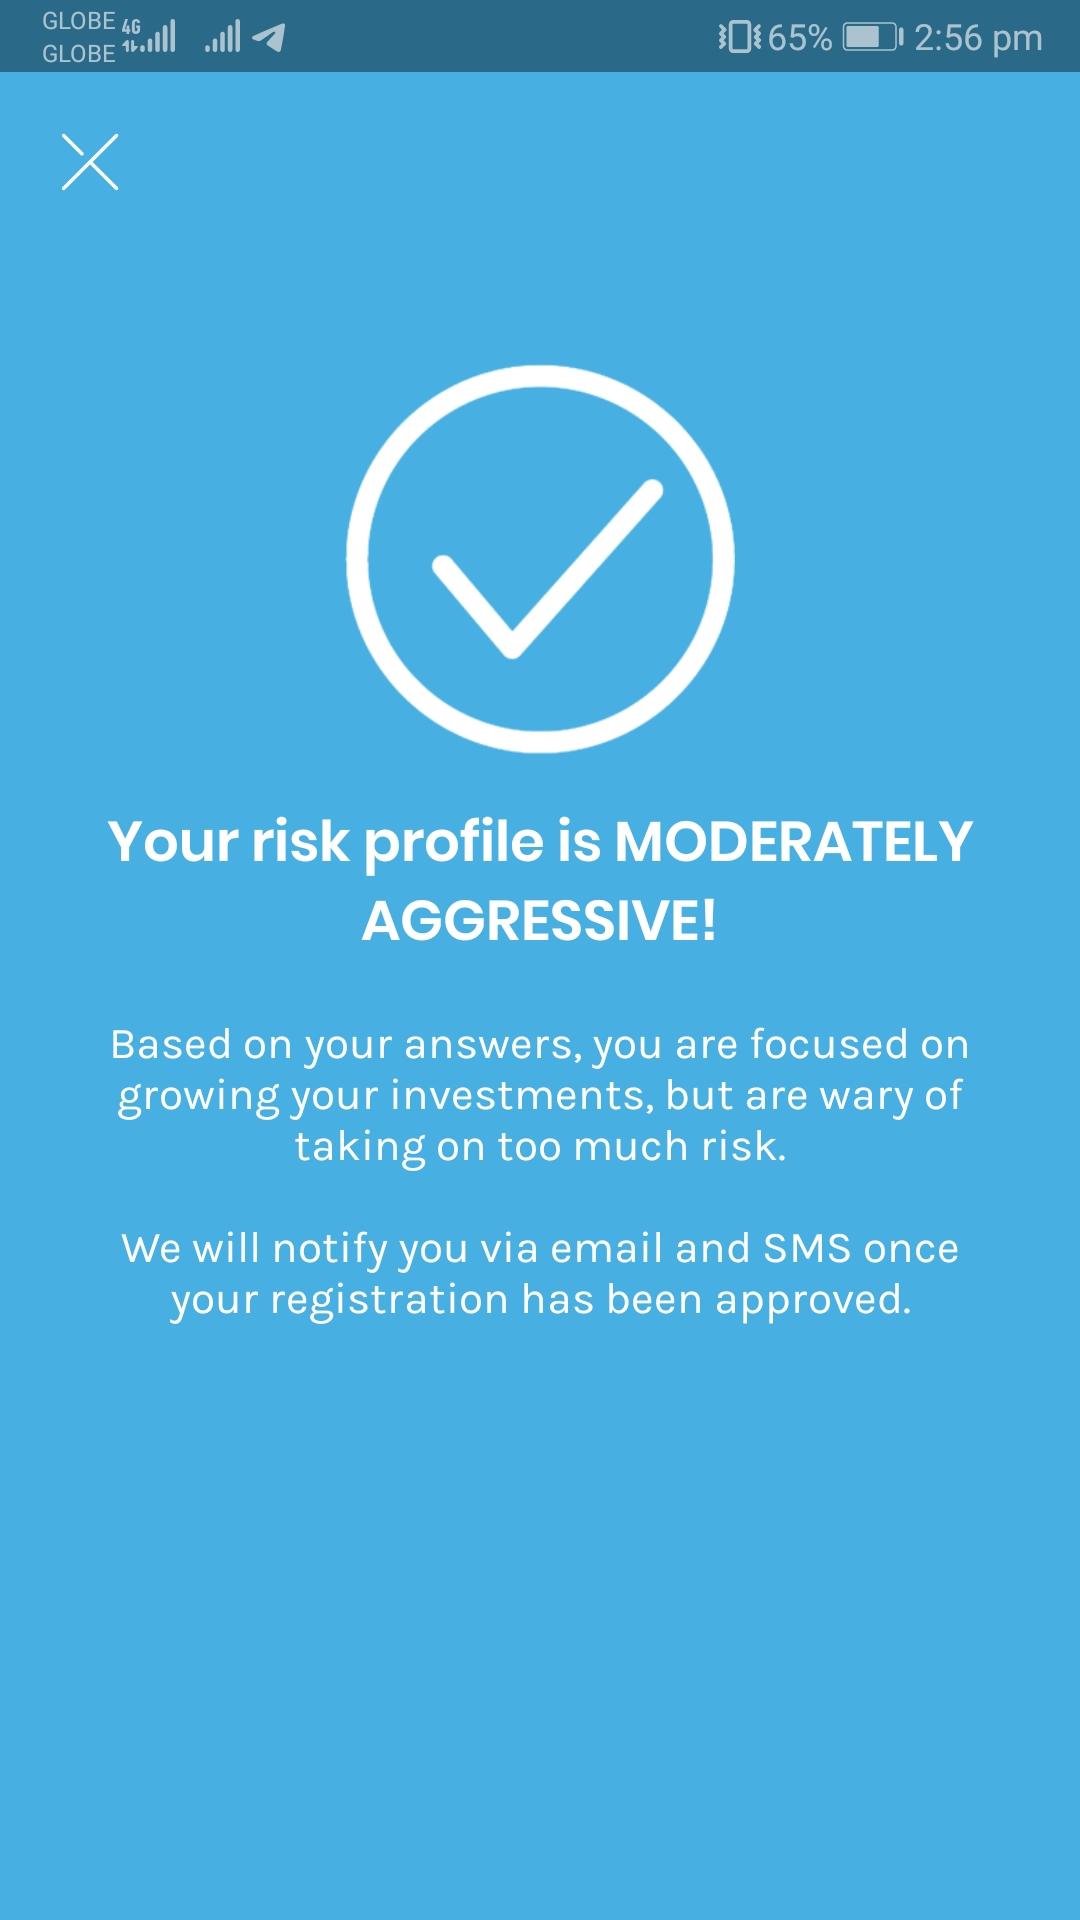 6_Registration_-_Risk_Profile_Result.jpg